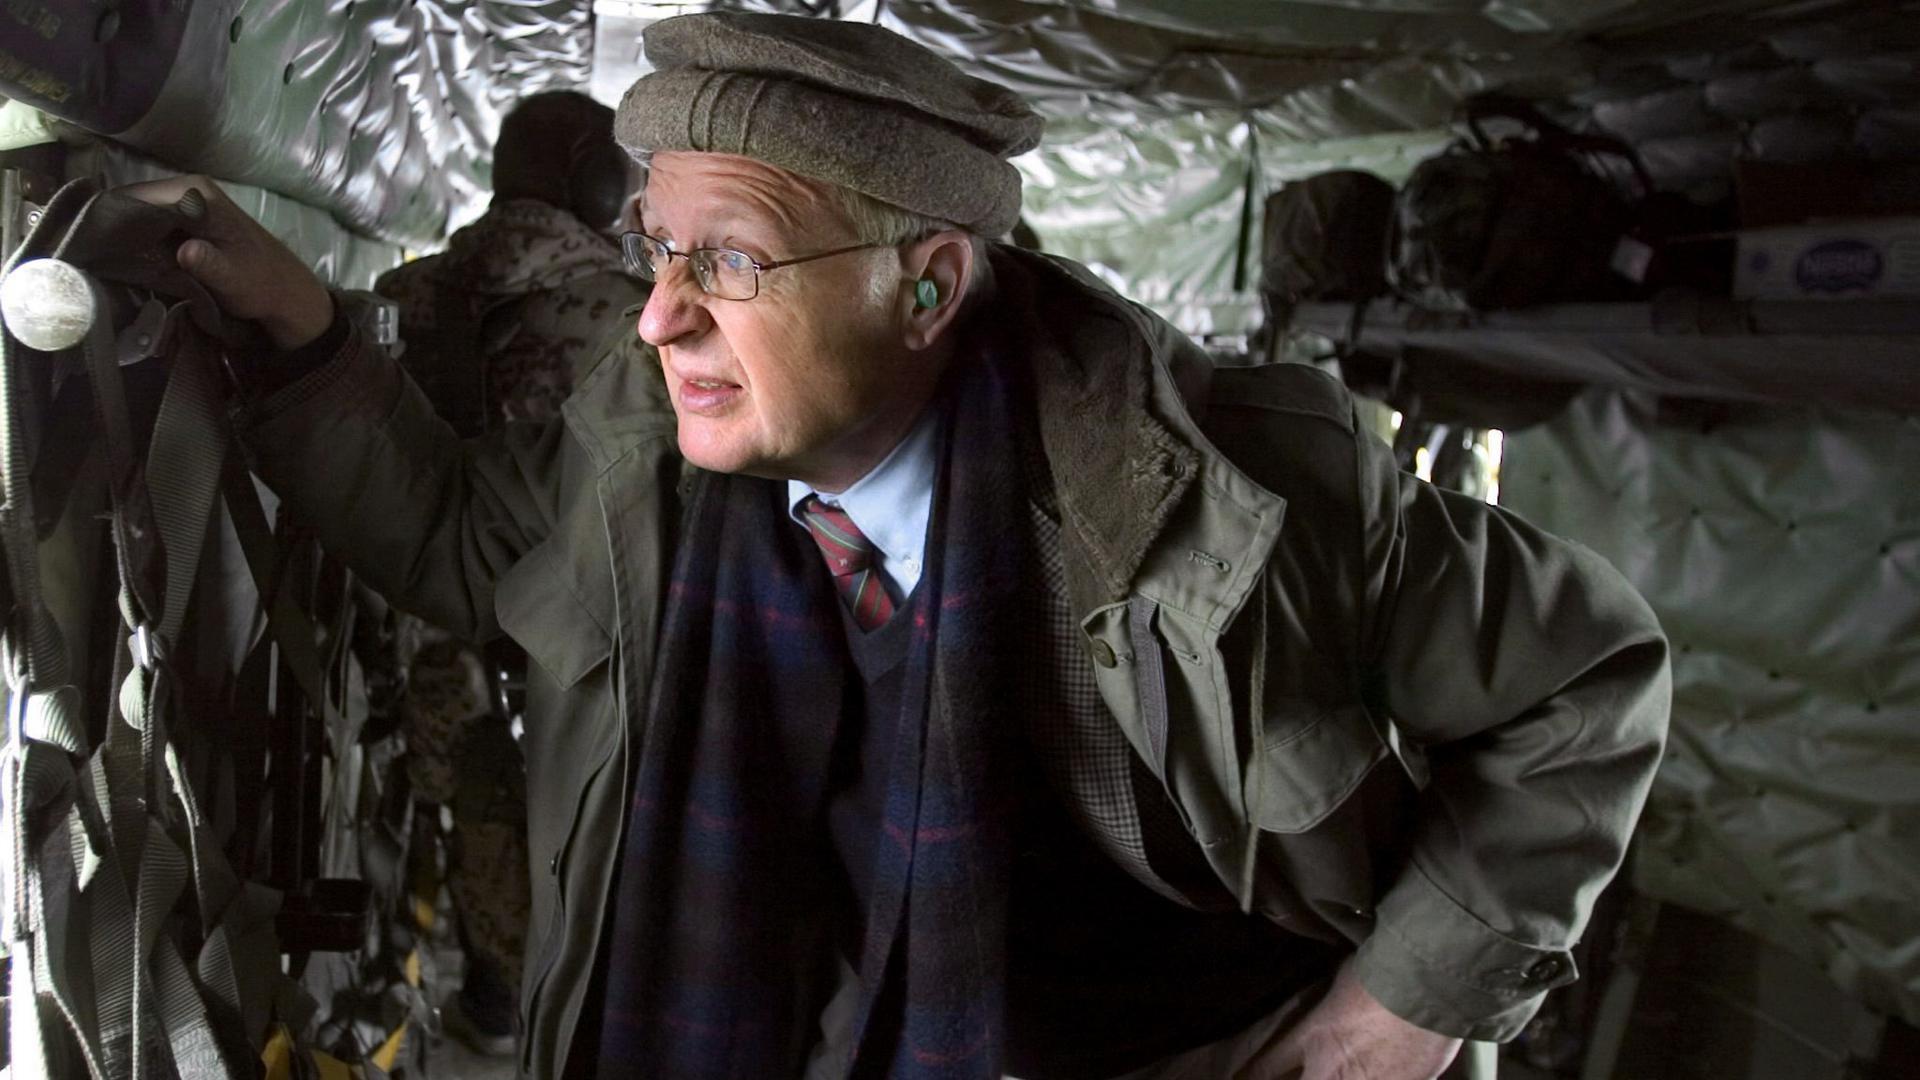 Jahrelange Erfahrung: Gunter Mulack war politischer EU-Berater für die Präsidentschaftswahlen in Kabul und  Botschafter in Pakistan. In der aktuellen Situation fordert er den Dialog mit den Taliban.